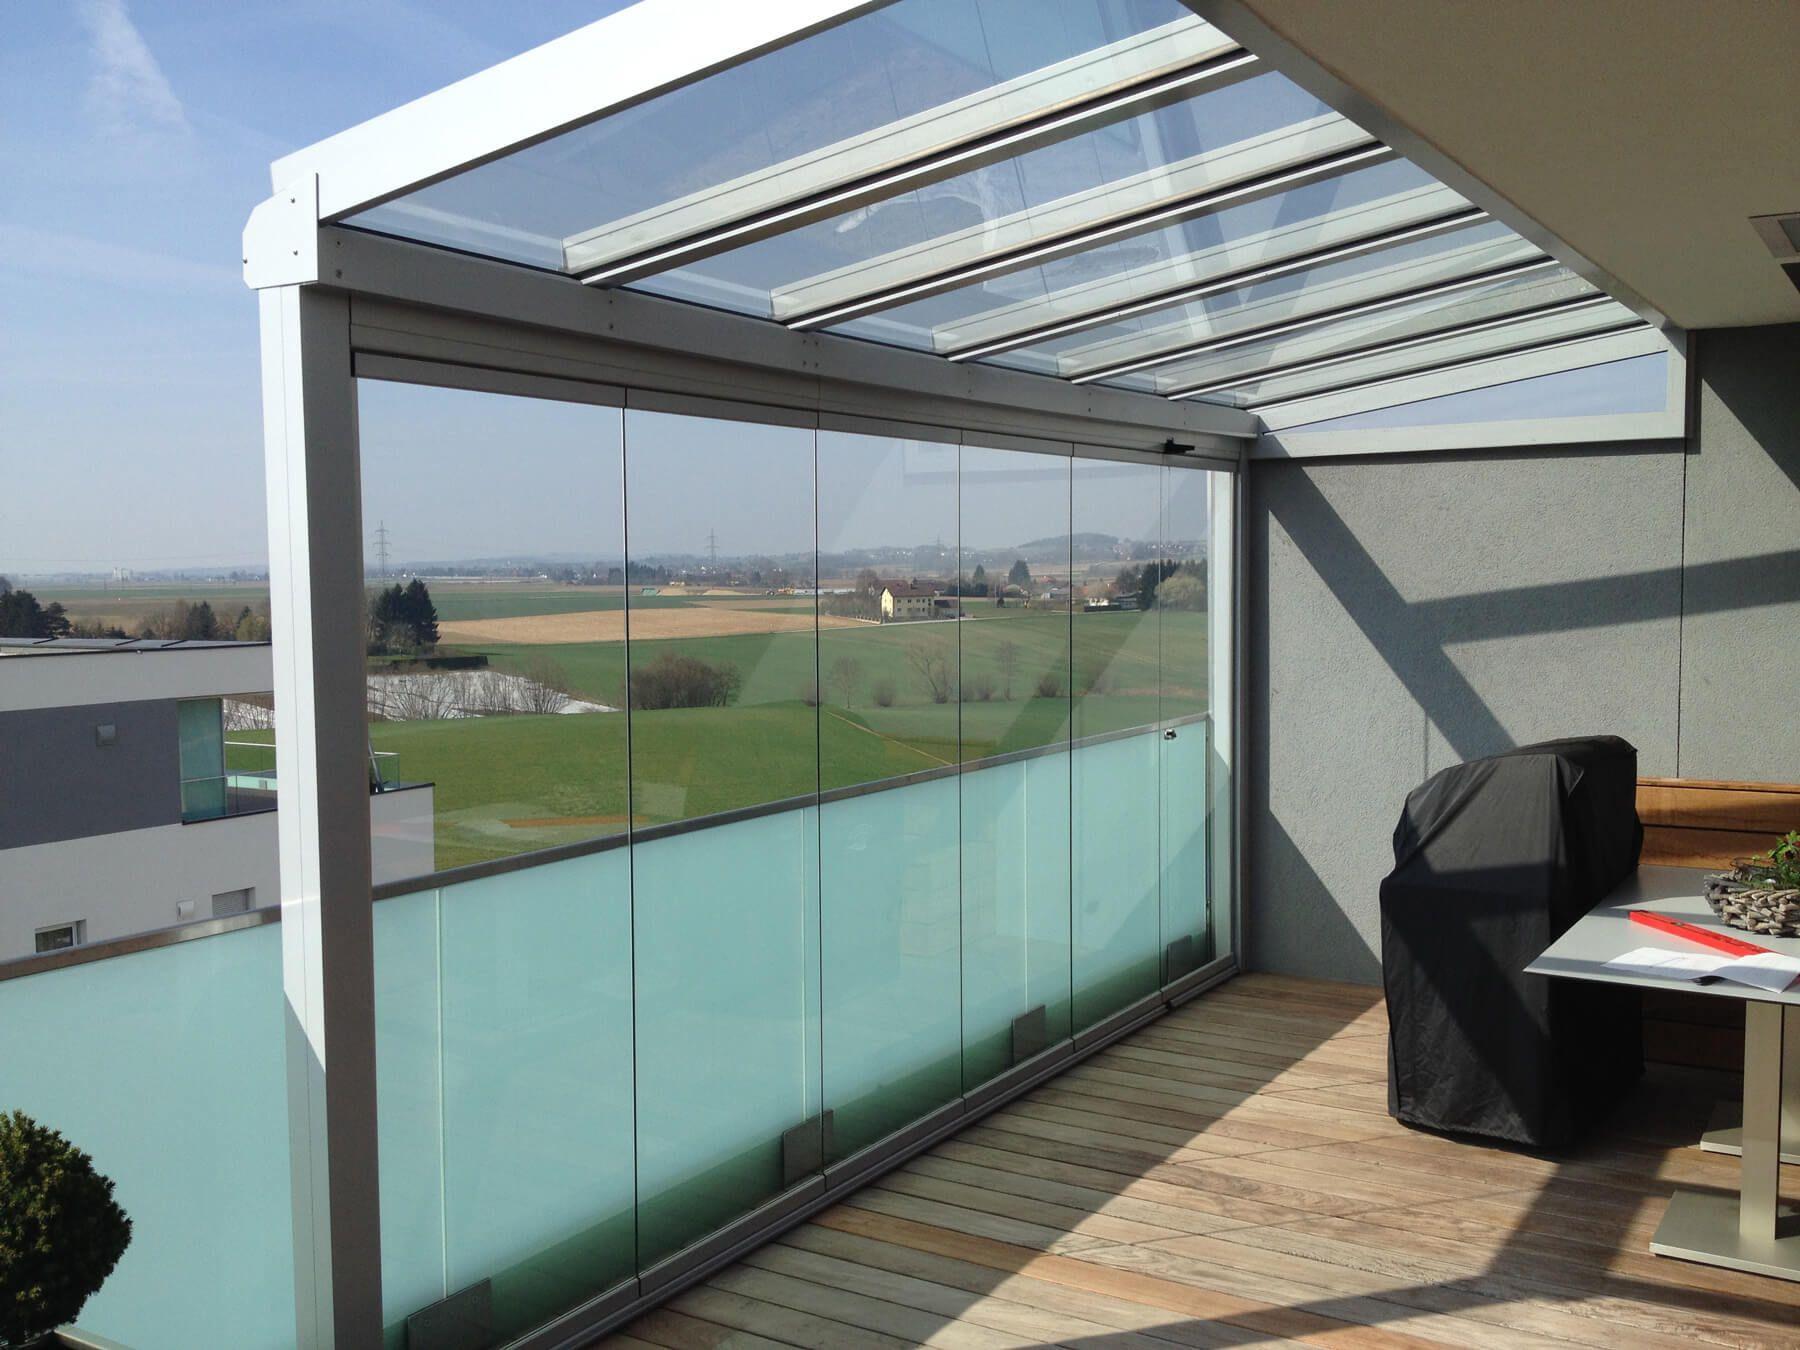 Balkon Uberdachung Mit Glasgelander In 2020 Terrassenuberdachung